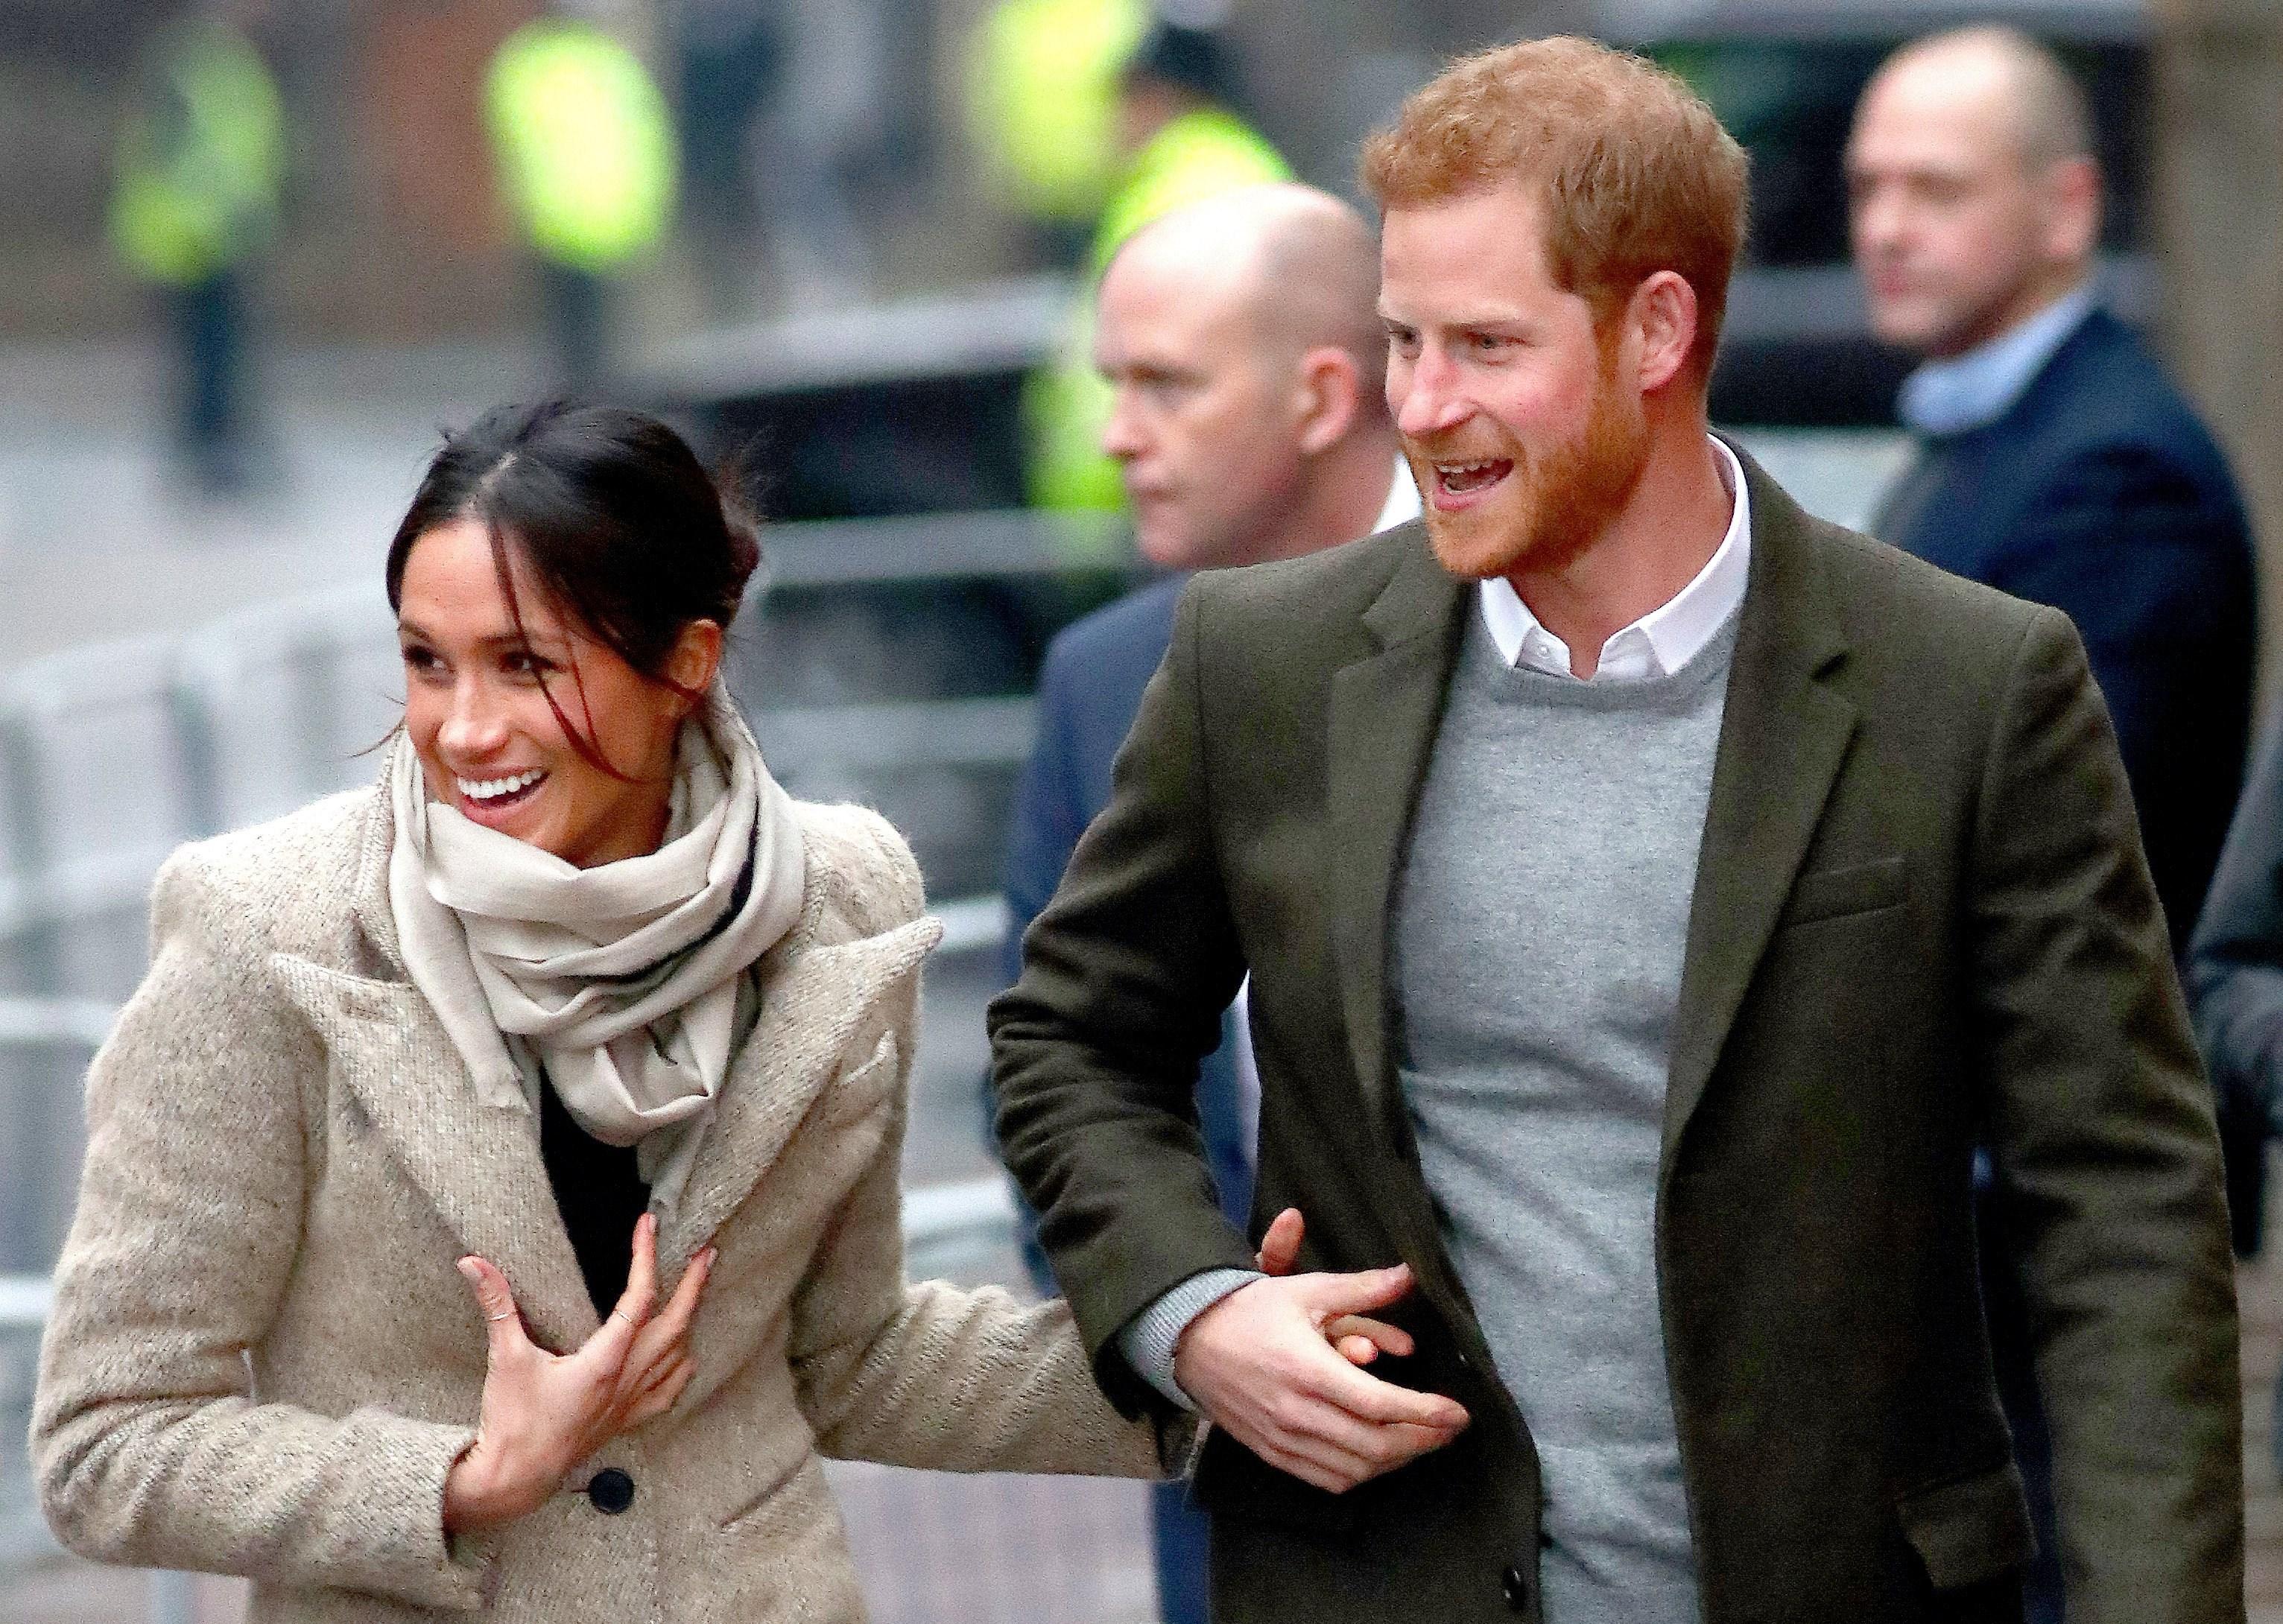 Casi al final del mes de noviembre de 2018, se anunció que los duques de Sussex se mudarían del palacio de Kensington a la Frogmore House, una casa de campo adyacente al Castillo de Windsor. En aquel momento se decía que la decisión fue tomado debido a los roces de la nueva pareja con los duques de Cambridge, William y Kate. (Archivo)